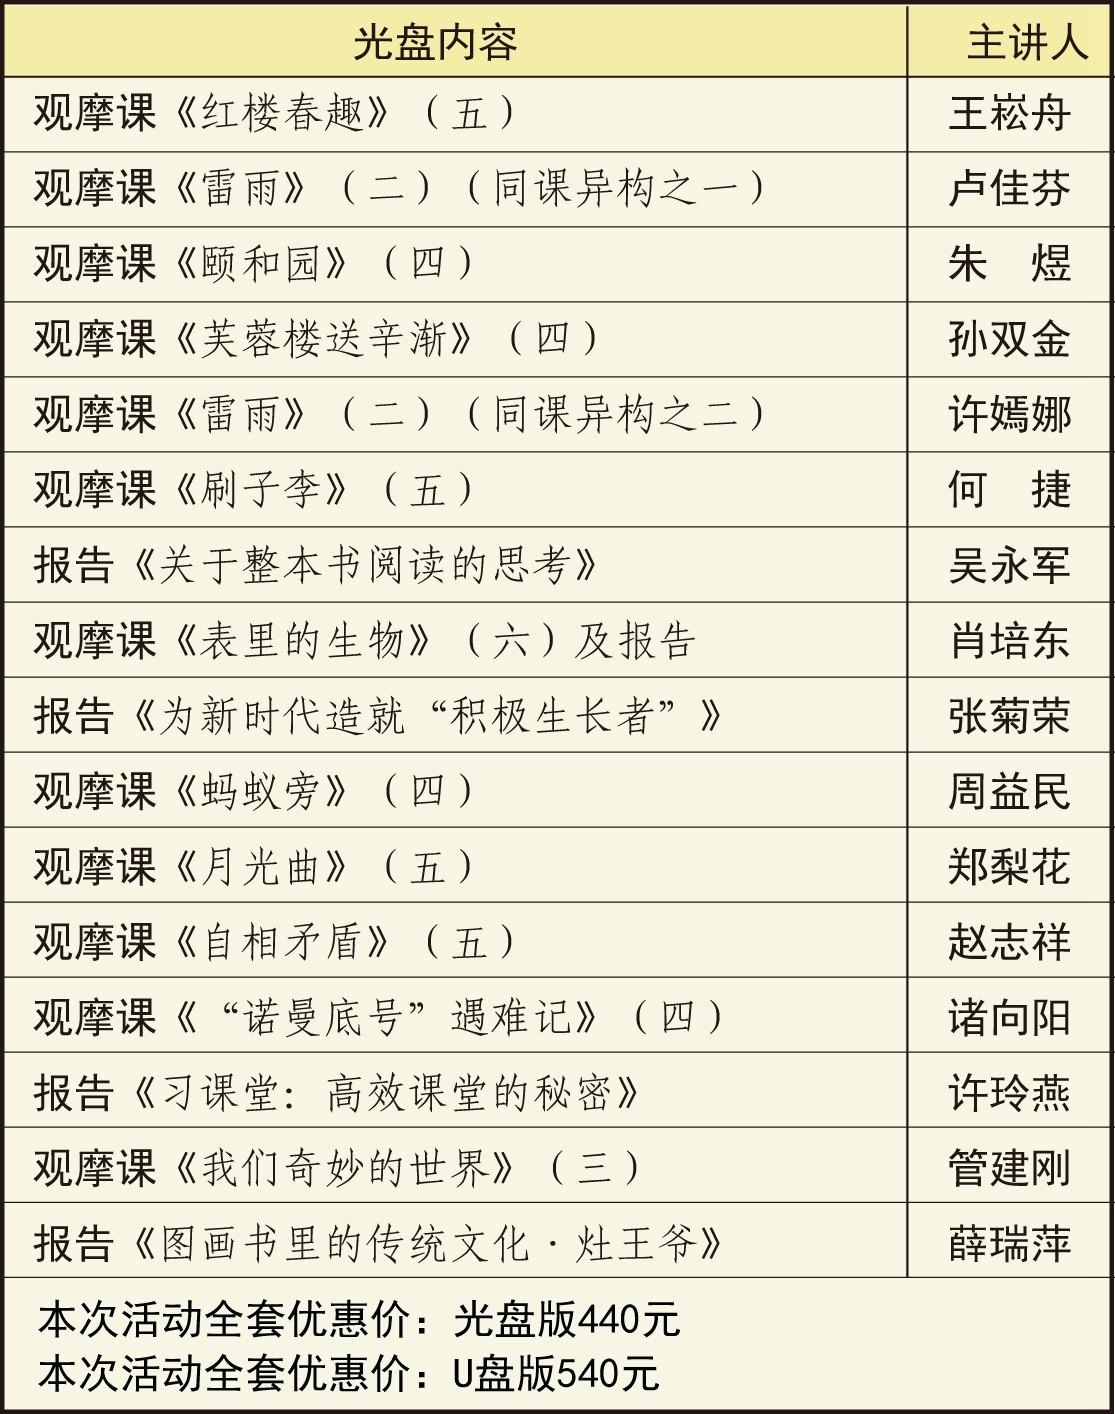 苏州语文光盘图.jpg